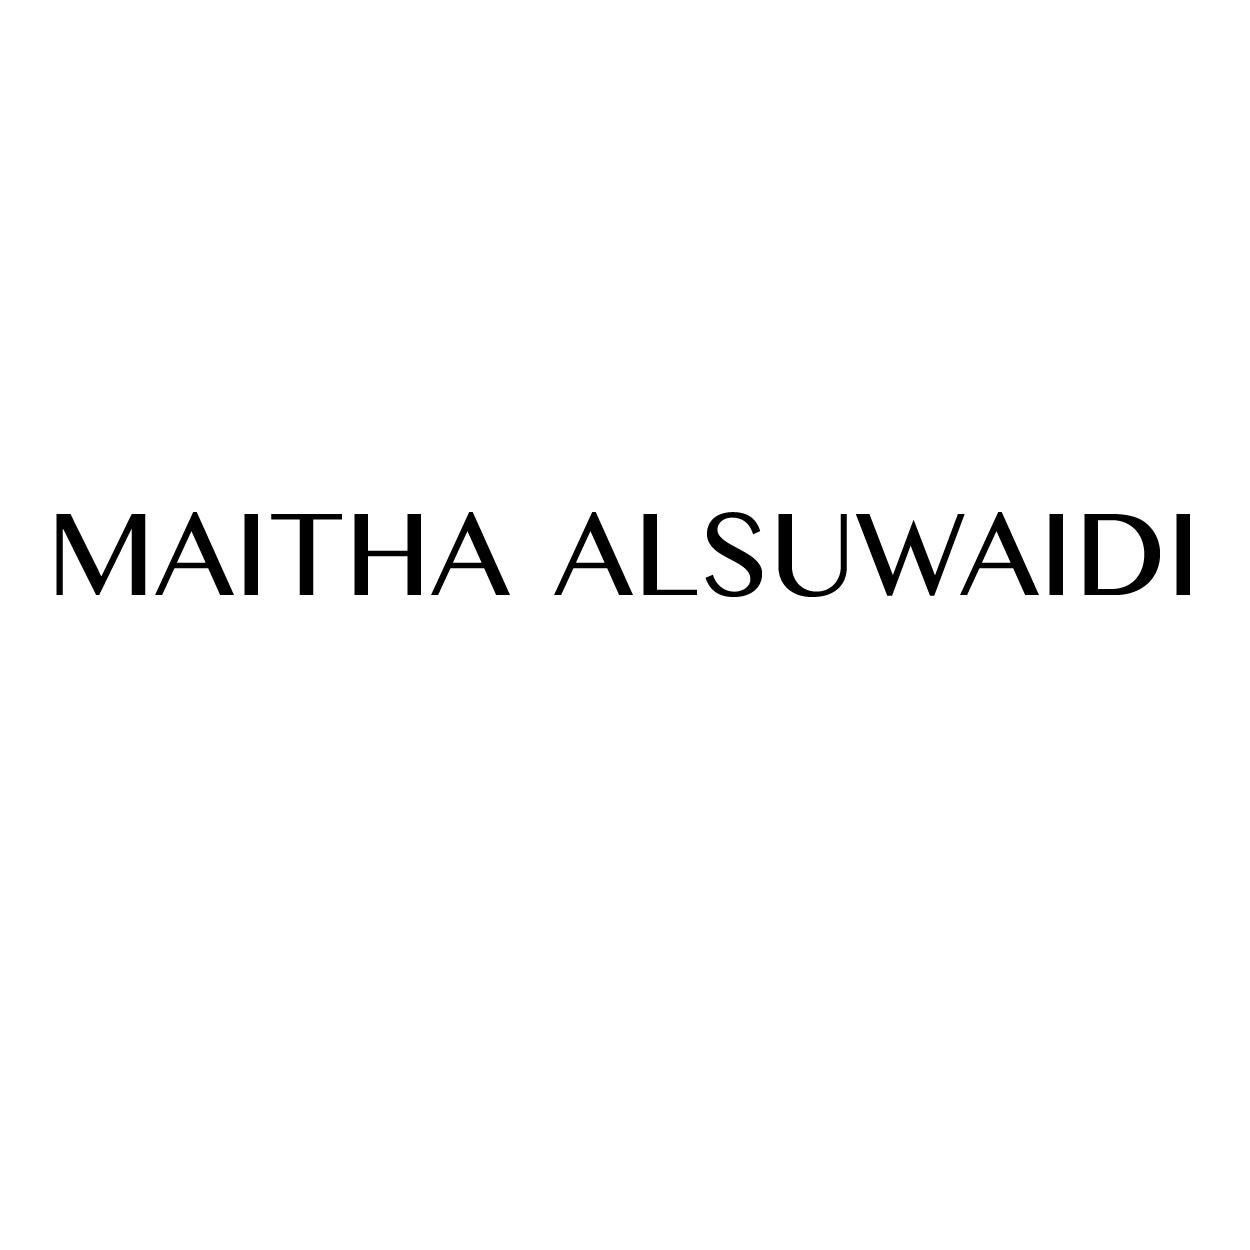 Maitha AlSuwaidi